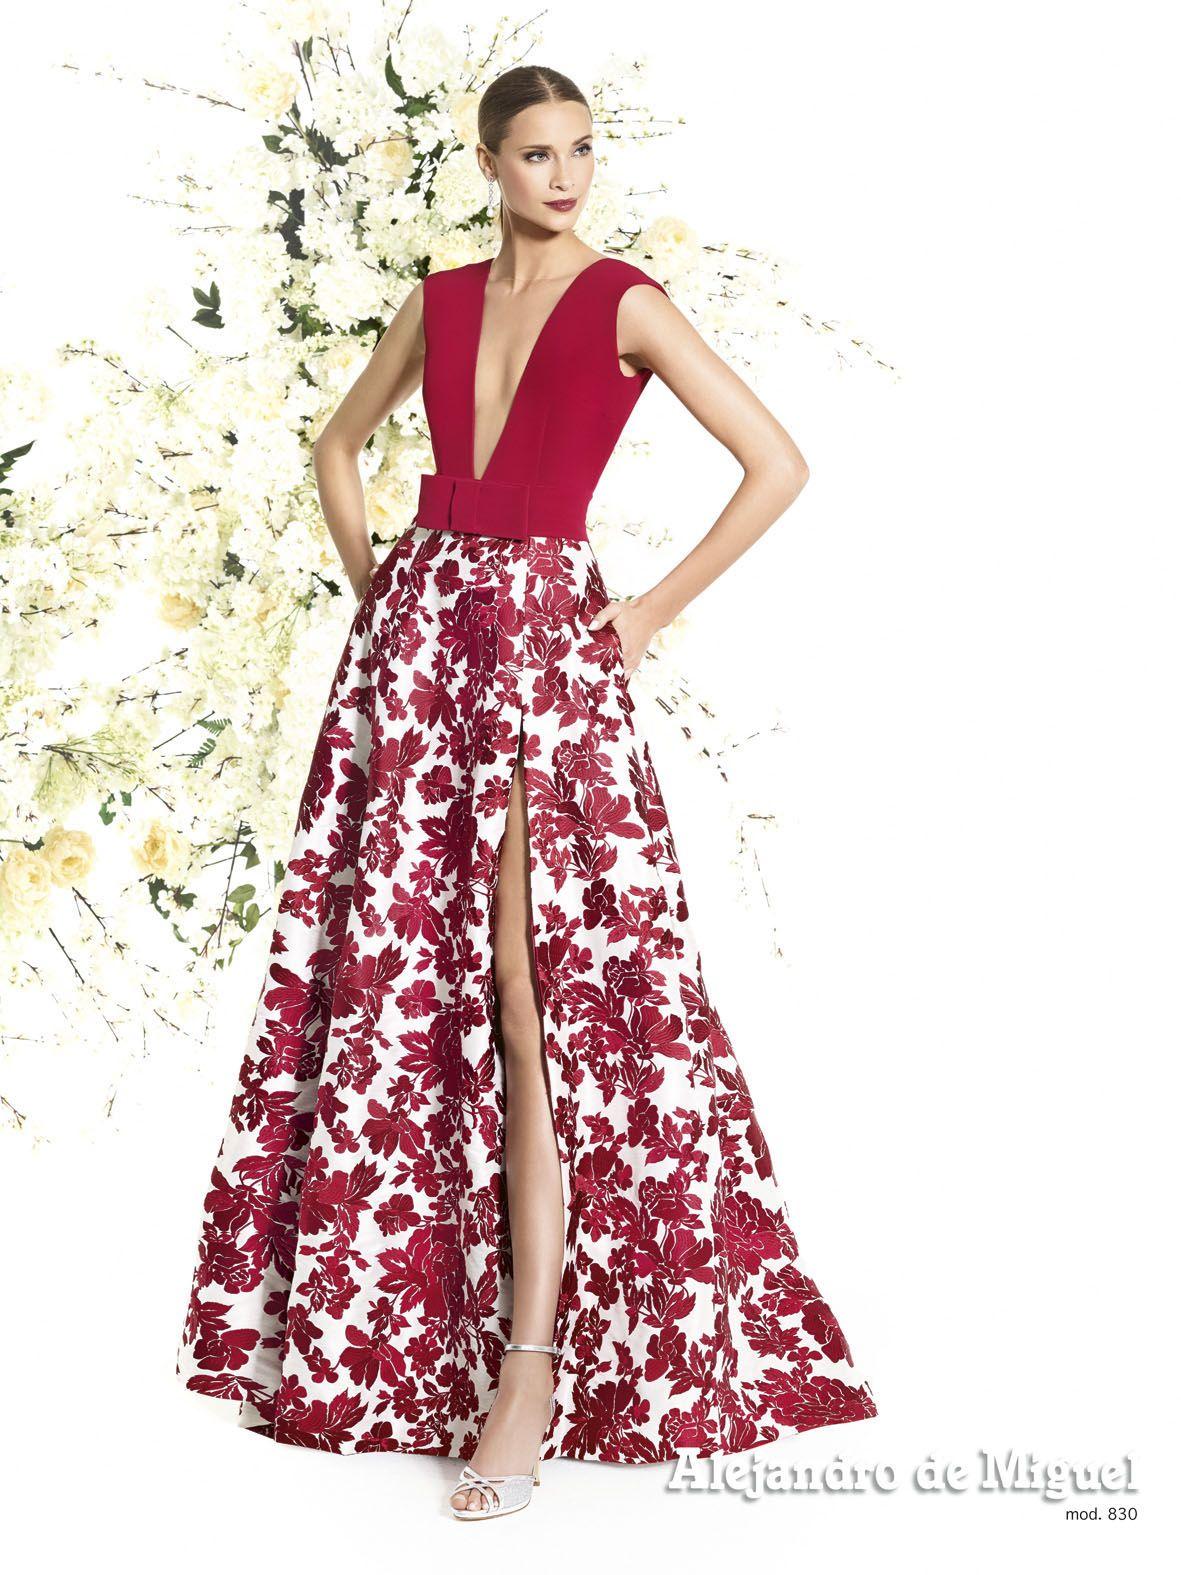 Trajes de novia a medida - Vestidos para bodas | moda | Pinterest ...